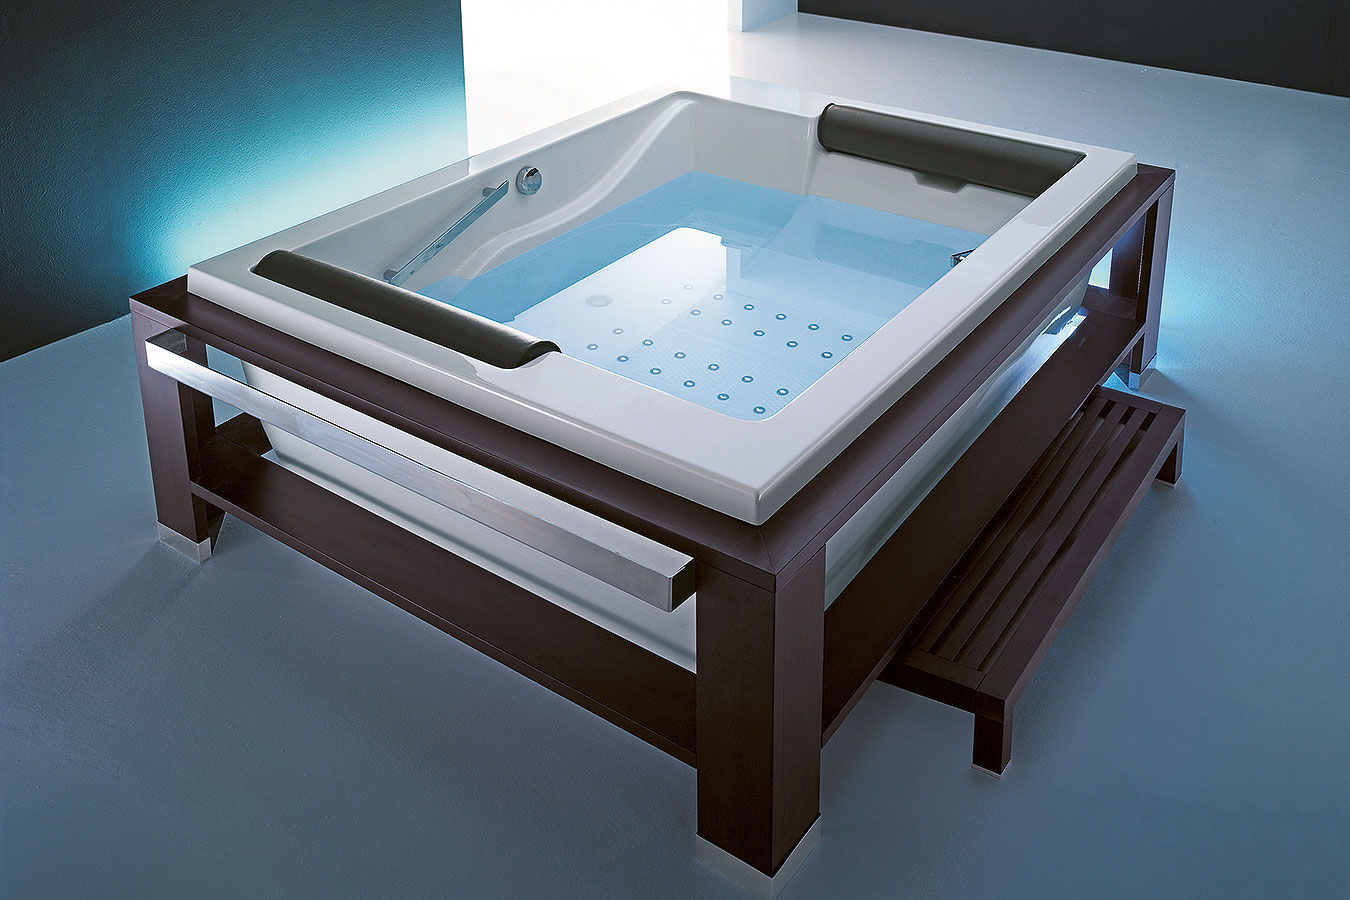 Vasca Da Bagno Doppia Misure : Vasca da bagno su piedi in legno in acrilico doppia bis